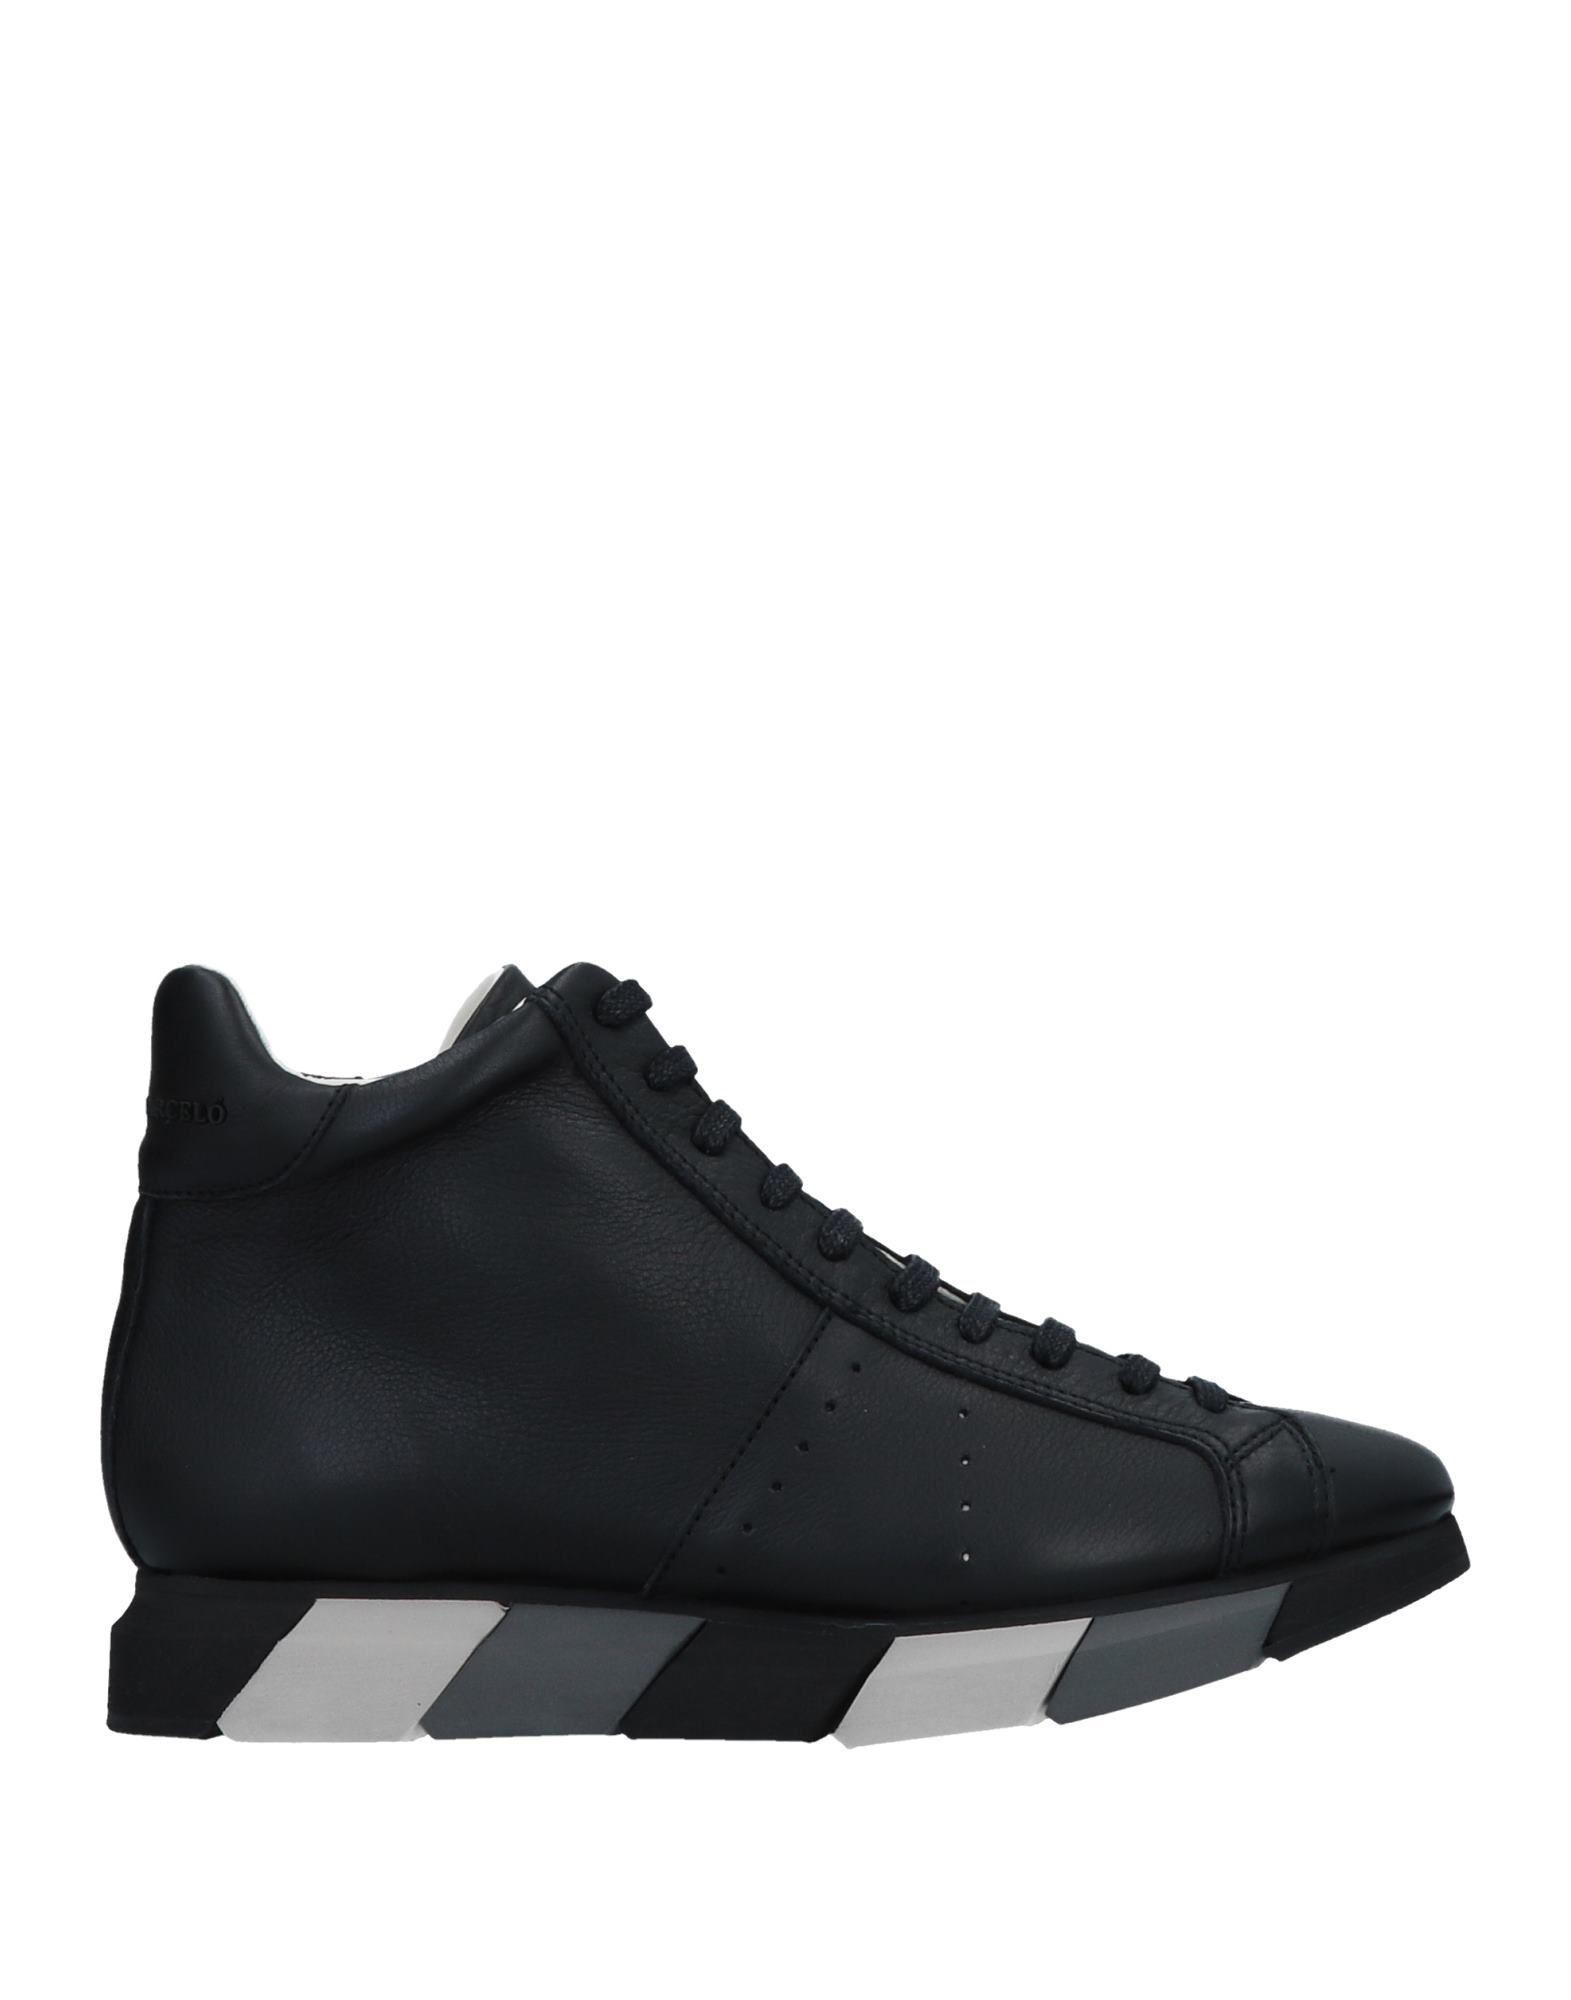 Manuel Barceló Sneakers Damen beliebte  11511674LS Gute Qualität beliebte Damen Schuhe cbca67